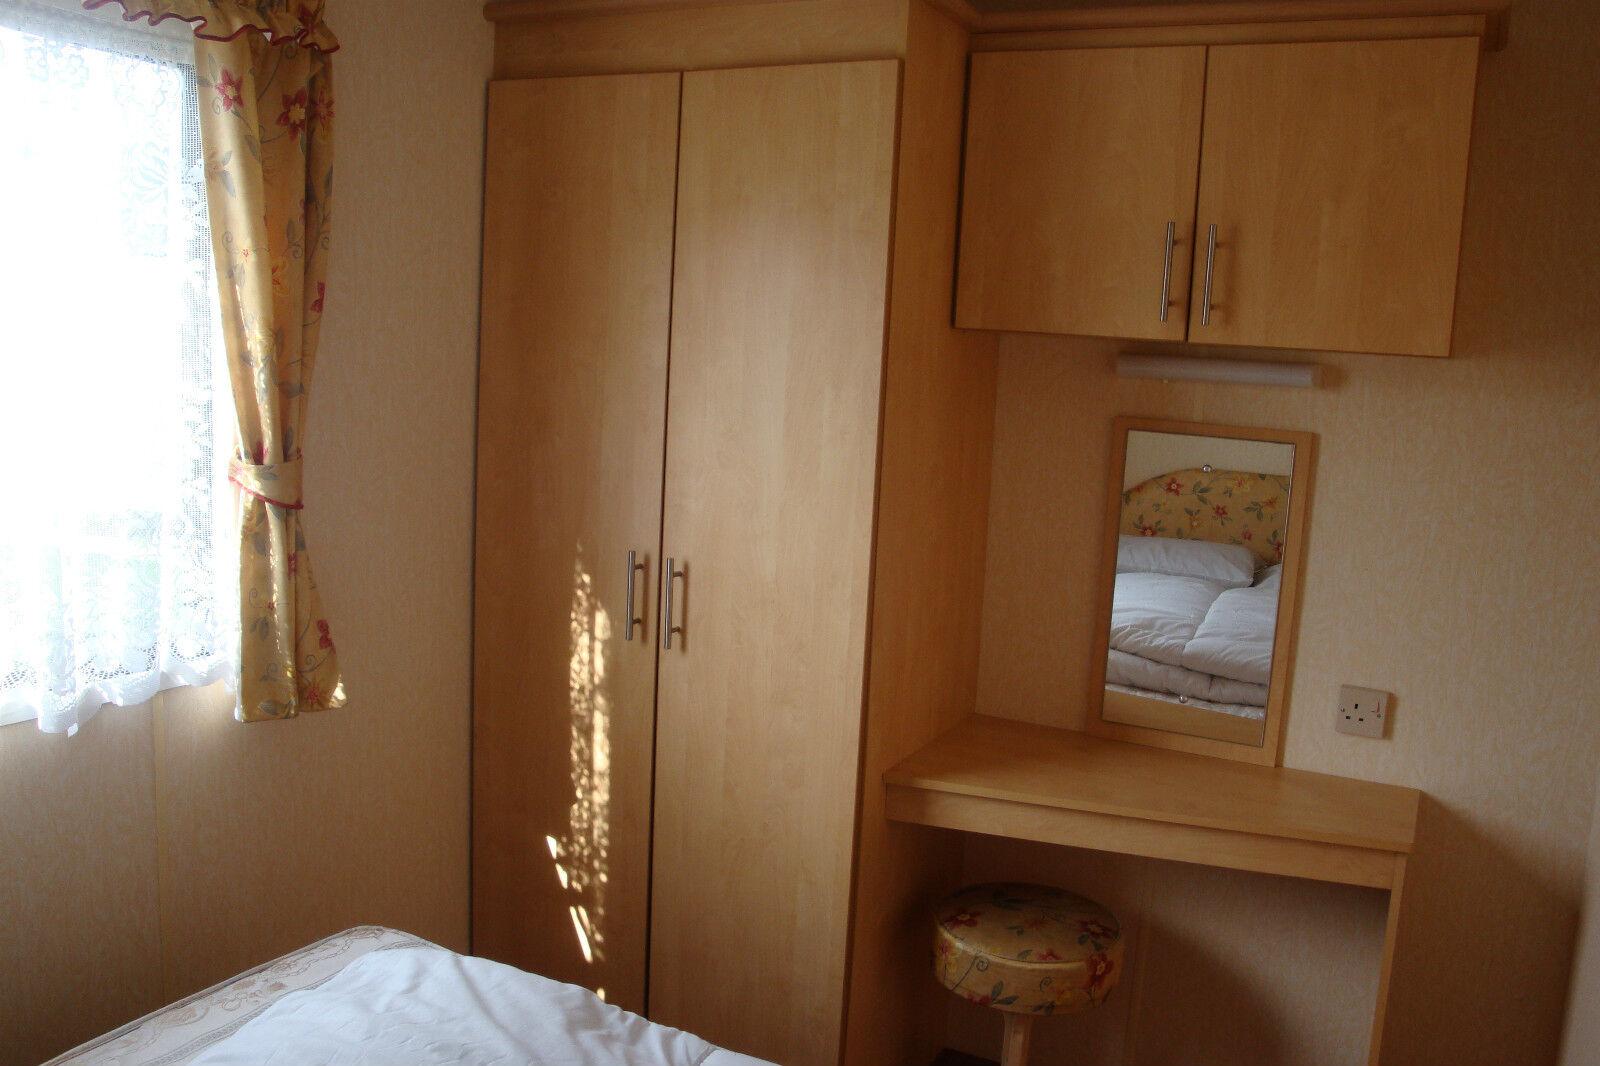 caravan to hire let rent near skegness ingoldmells butlins 4 star park picclick uk. Black Bedroom Furniture Sets. Home Design Ideas